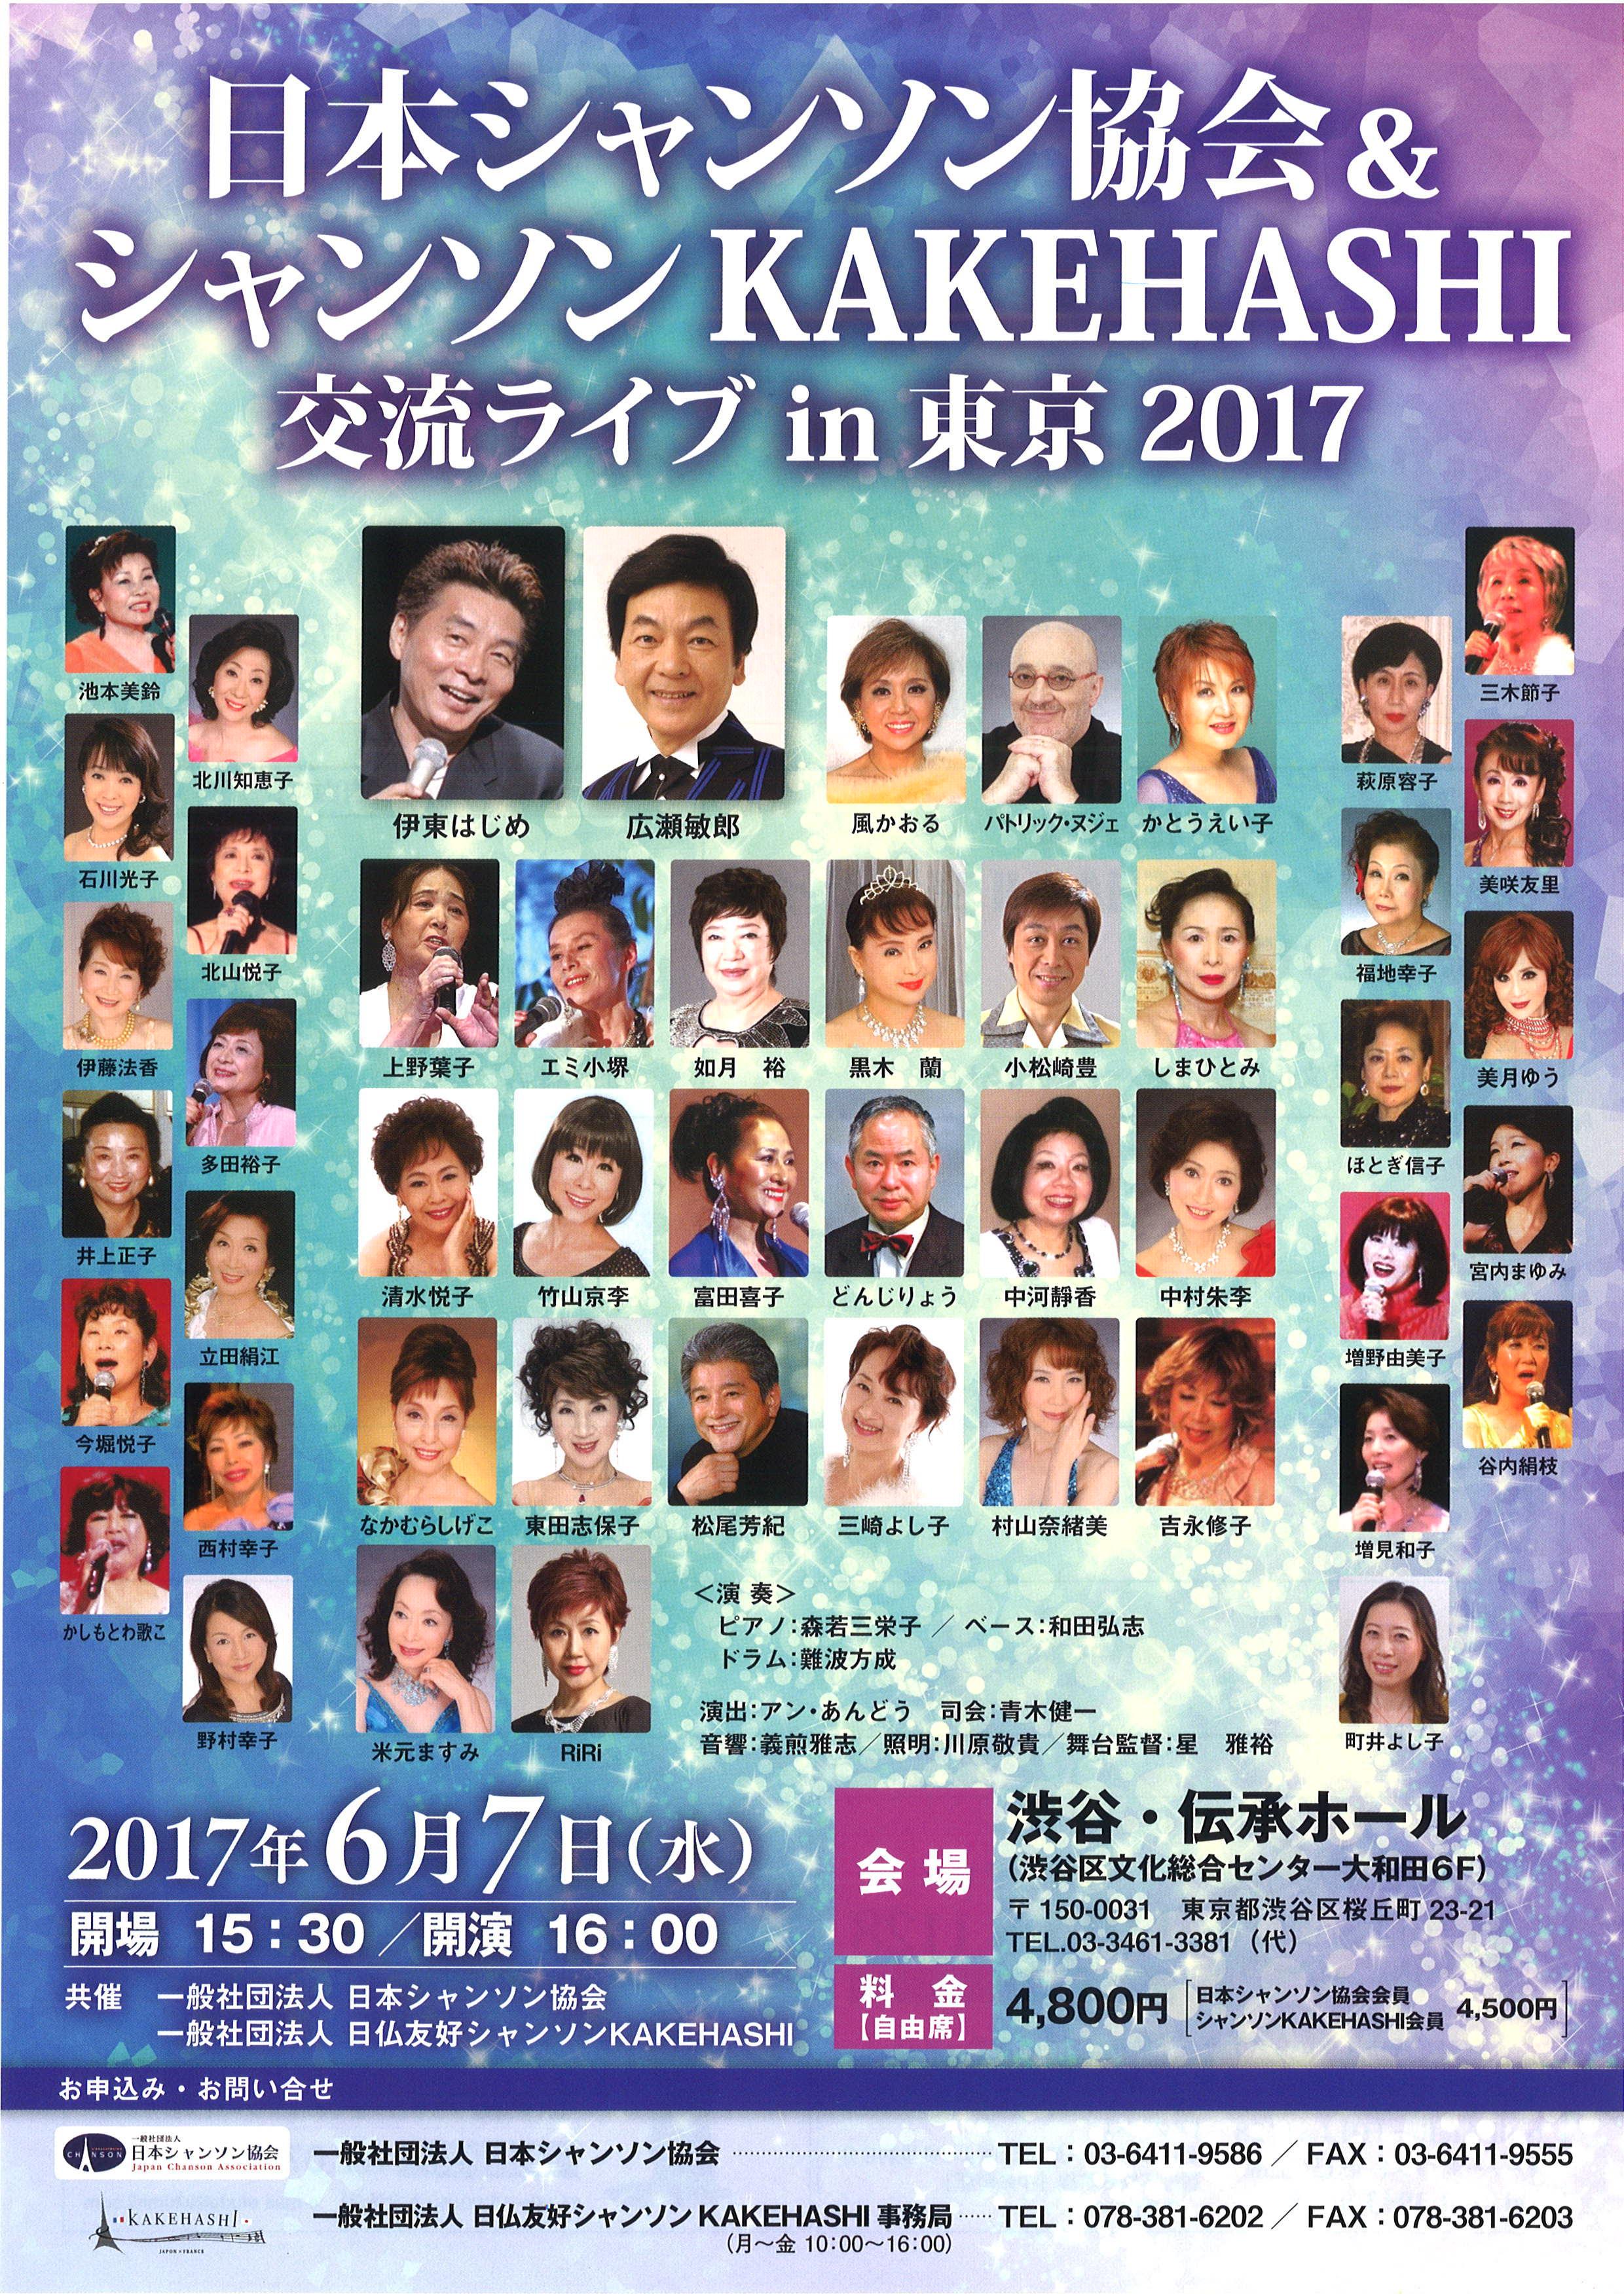 2017/05/20170510102425_00006.jpg